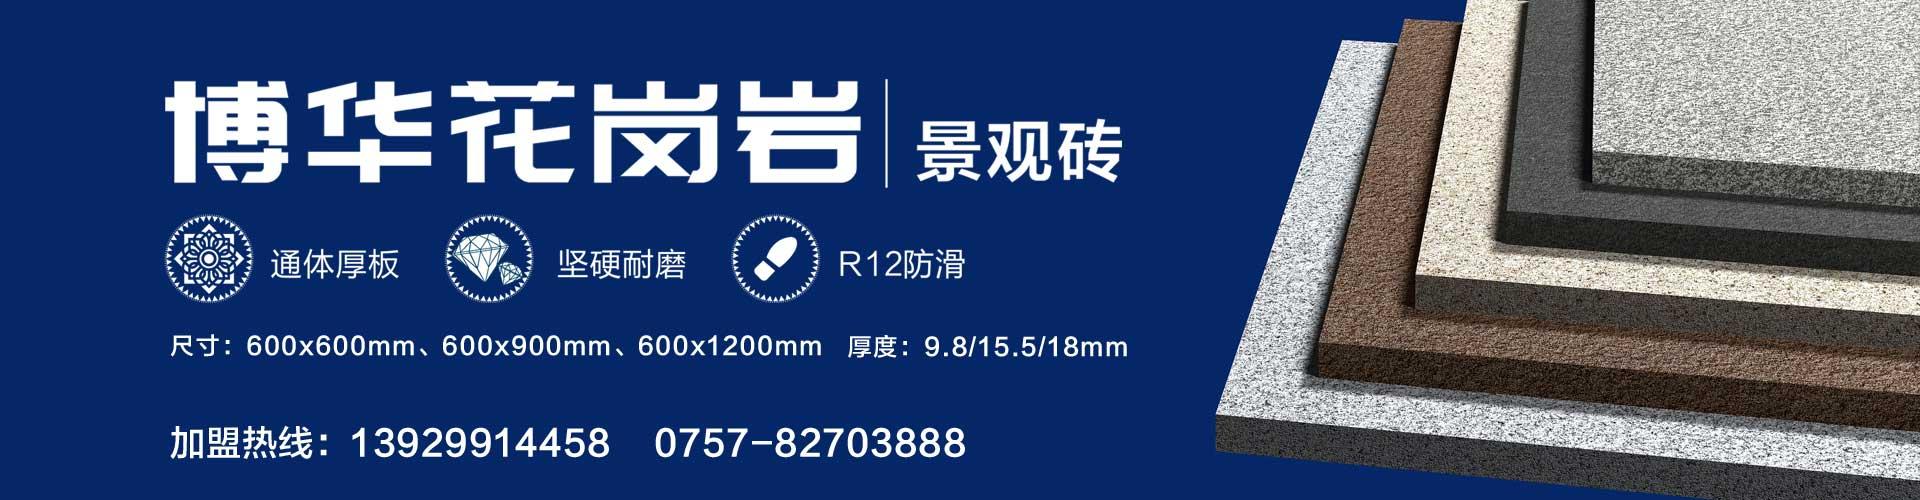 博华花岗岩景观砖一线大品牌厂家推荐品质保障